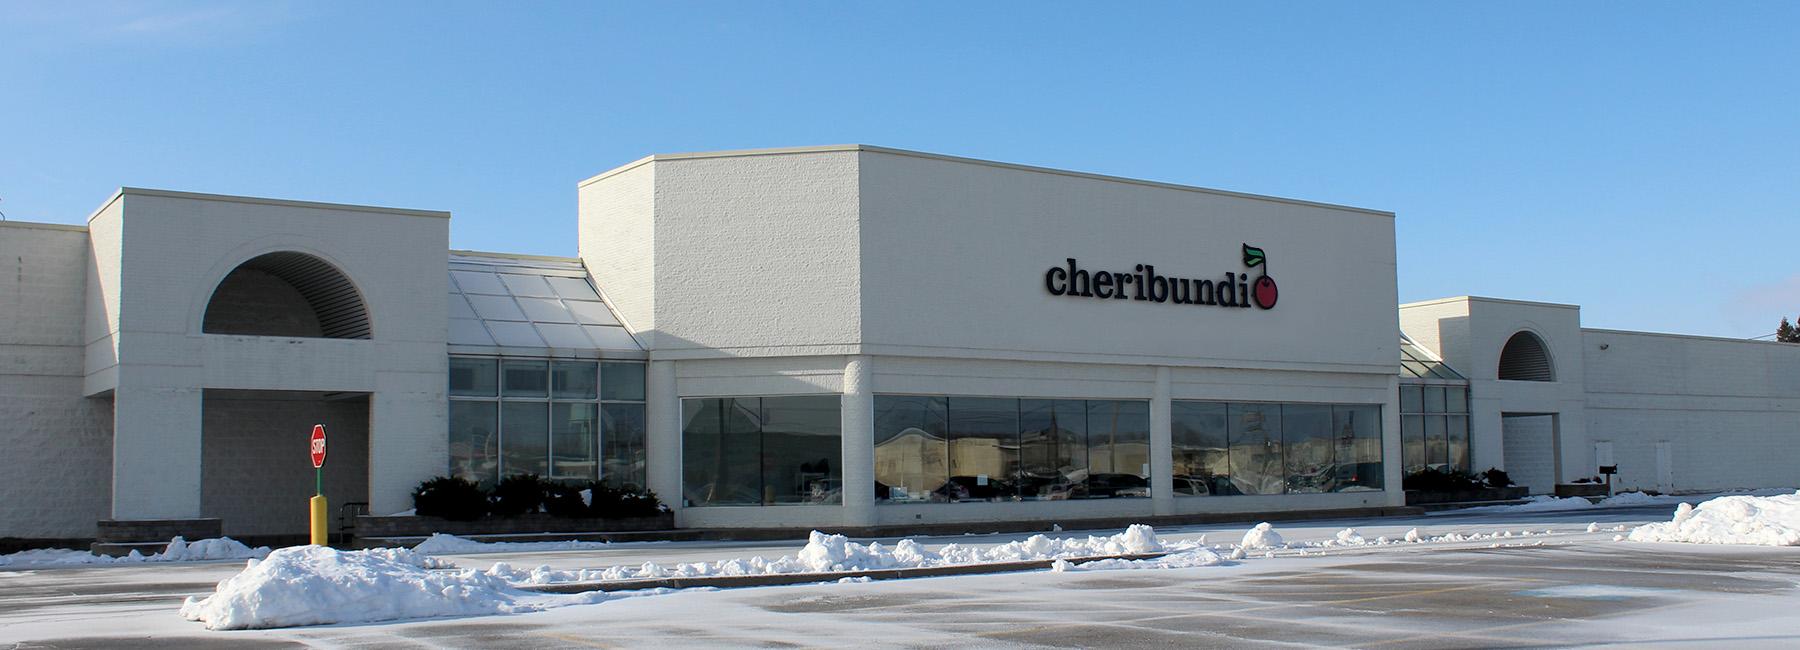 cheribundi Building, Geneva, NY